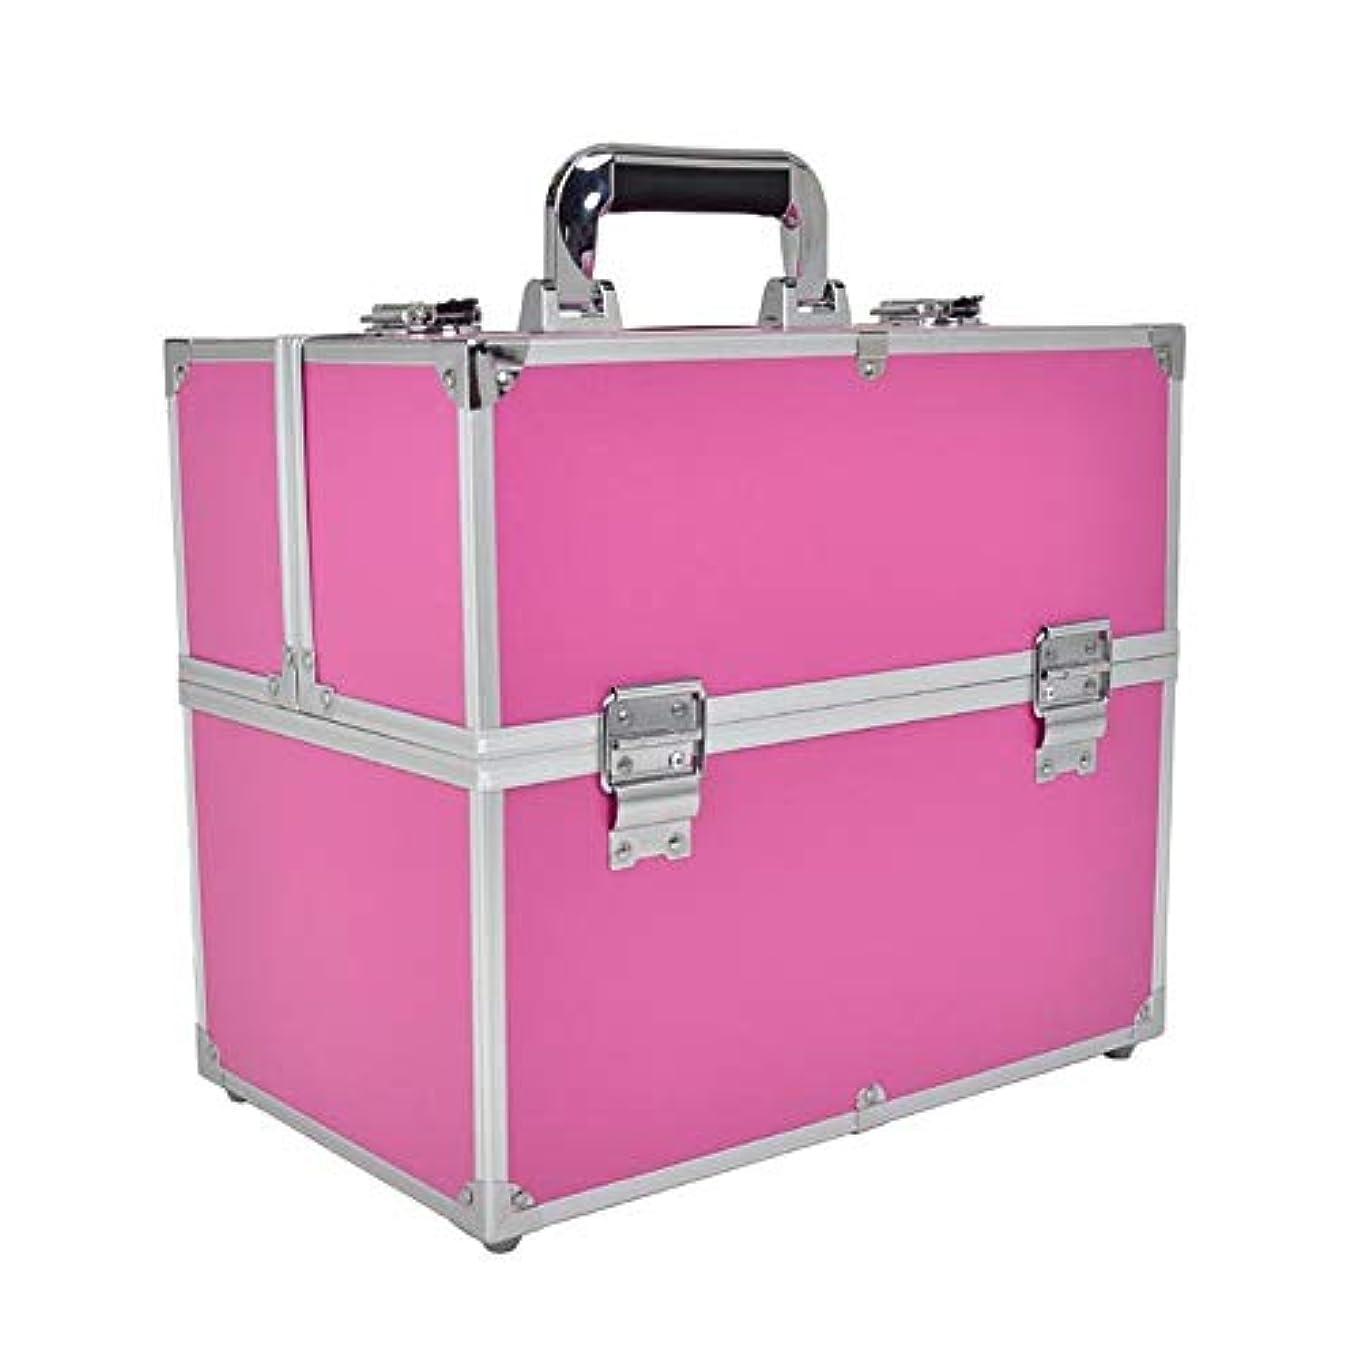 ベールマエストロコミットメント化粧オーガナイザーバッグ 6トレイの小さなものの種類のための旅行のための美容メイクアップのための大容量大容量化粧品ケース 化粧品ケース